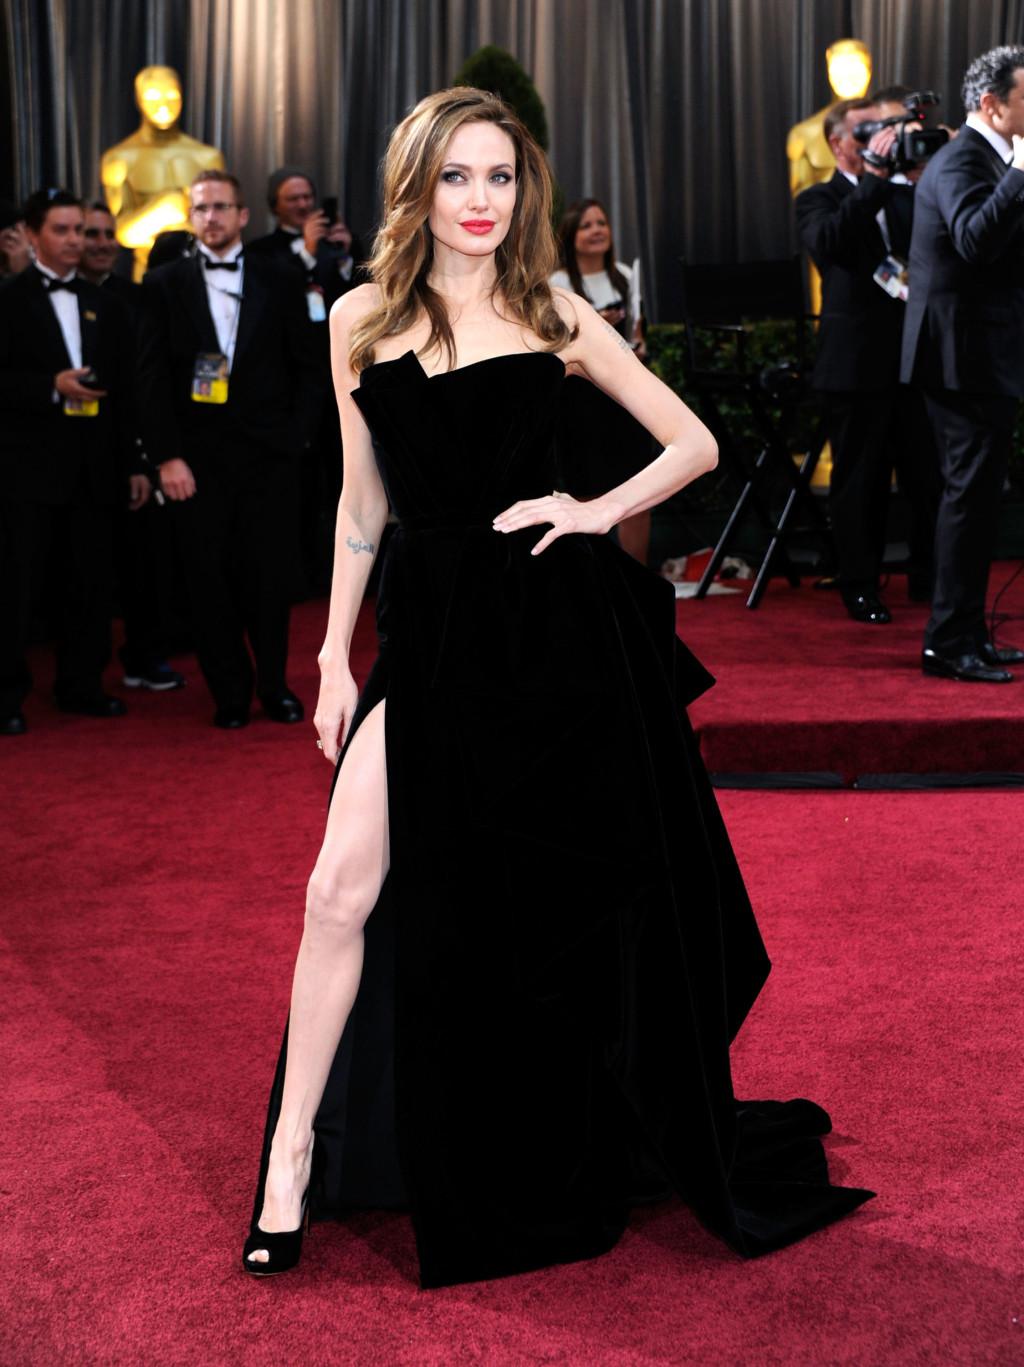 Angelina's Right Leg